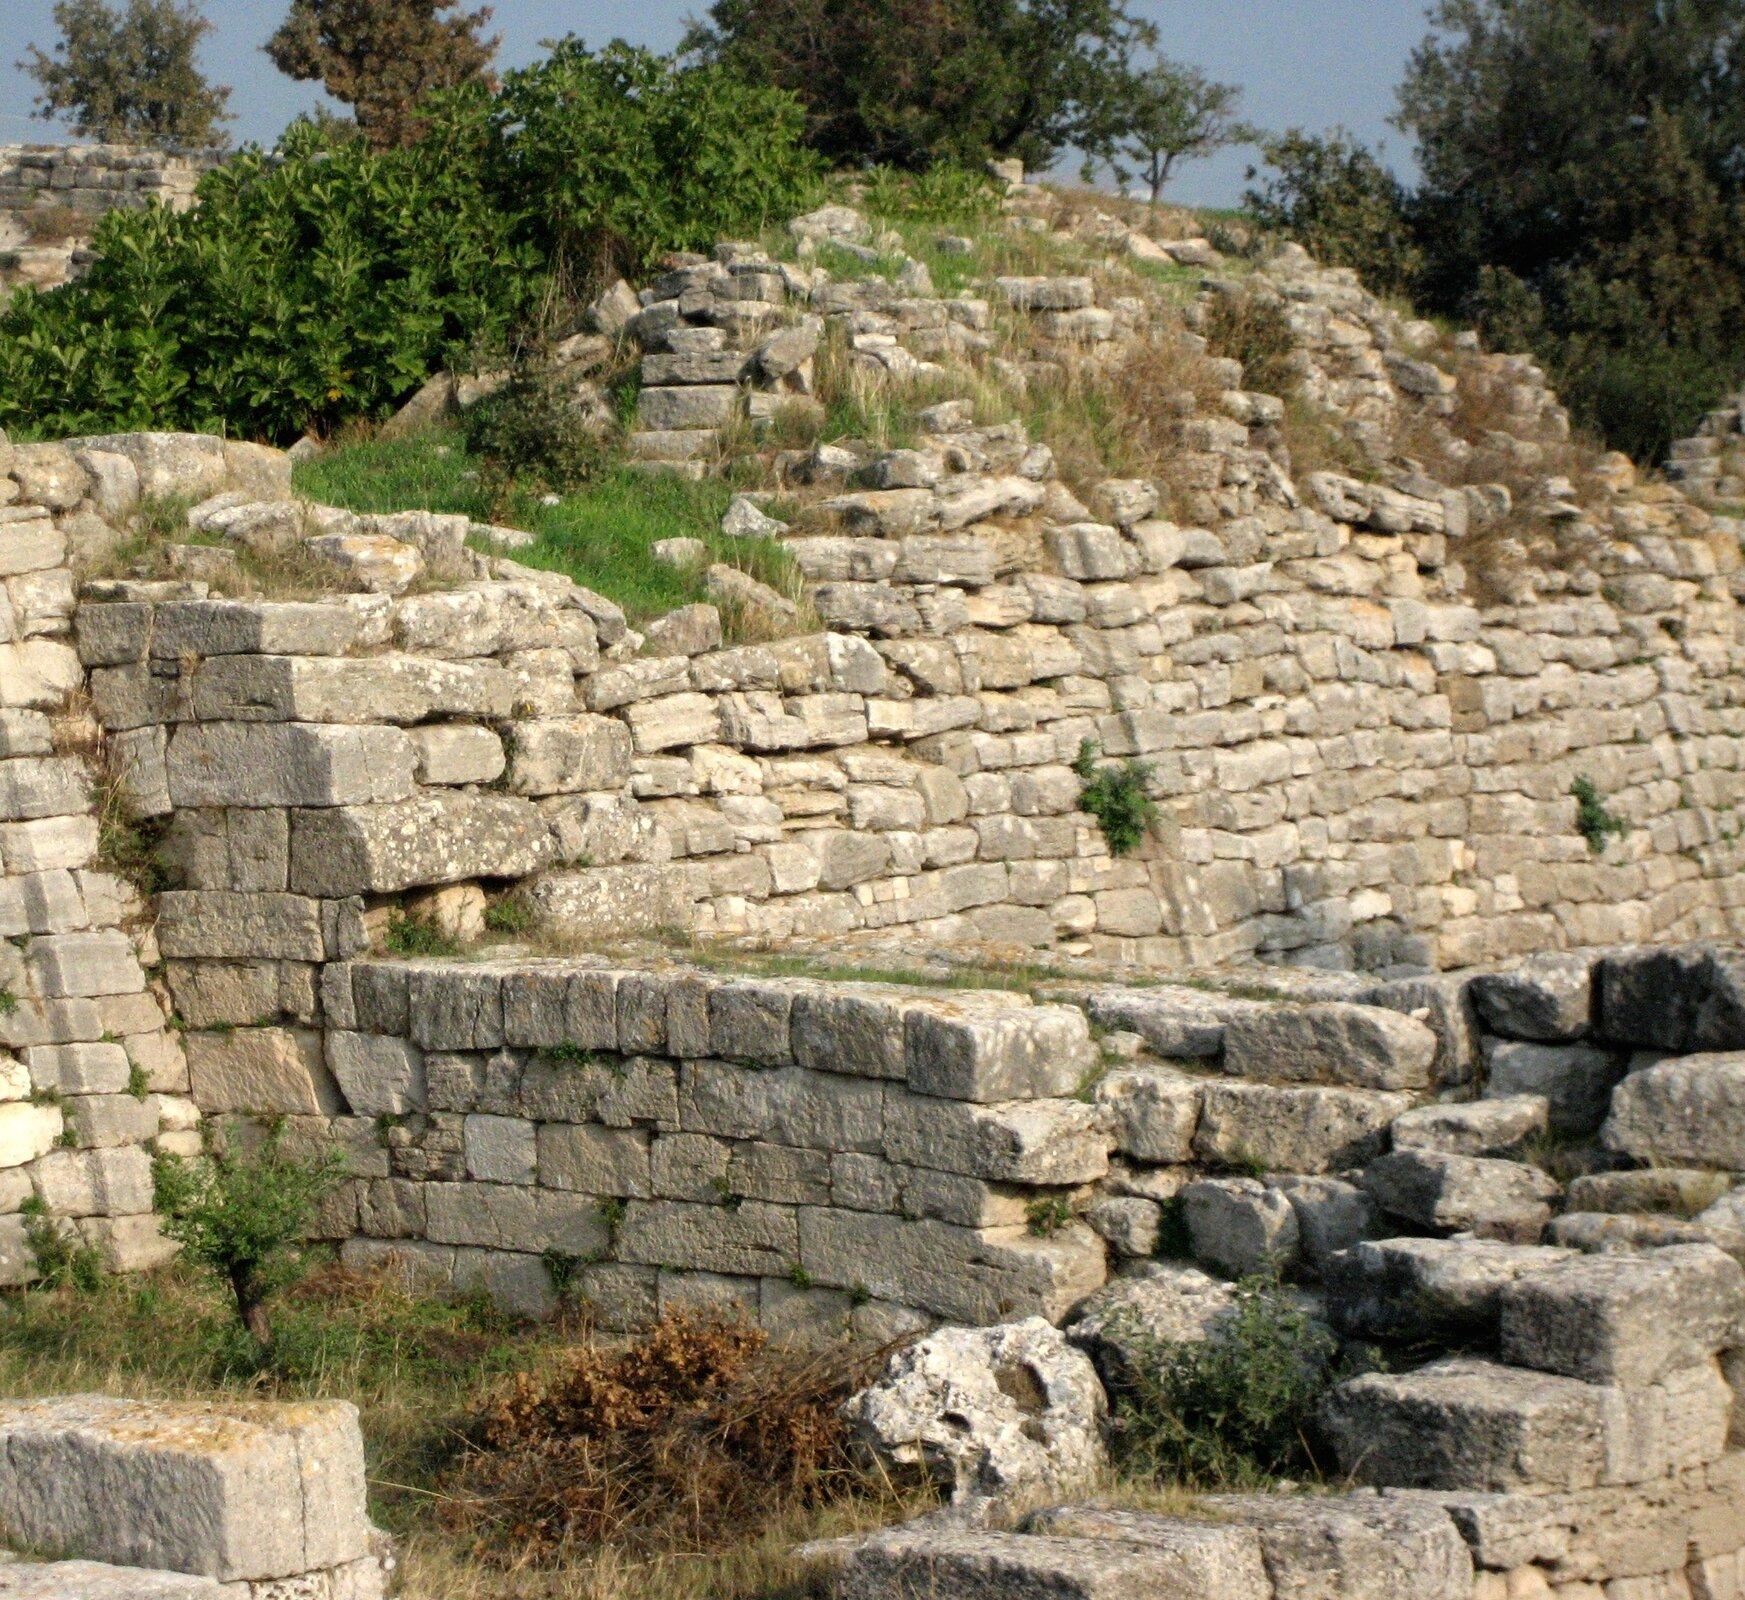 Odkopane przez Schliemanna mury Troi Odkopane przez Schliemanna mury Troi Źródło: ccarlstead, Wikimedia Commons, licencja: CC BY 2.0.